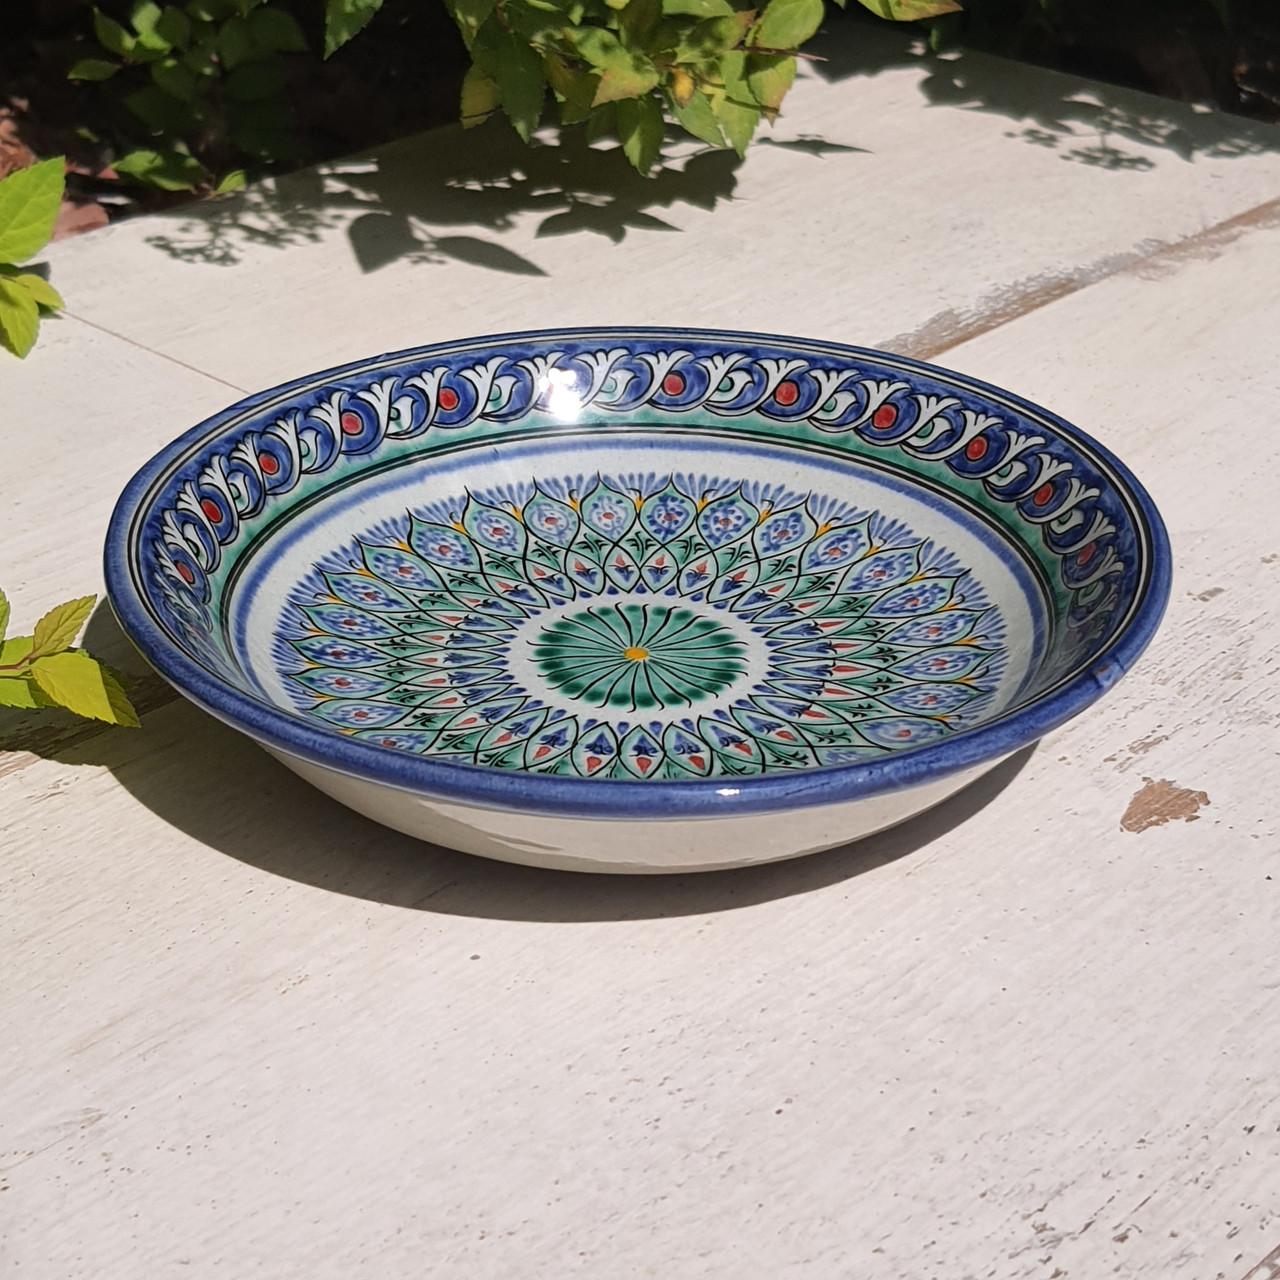 Тарелка с углублением d 15.5 см. Ручная роспись. Узбекистан (7)